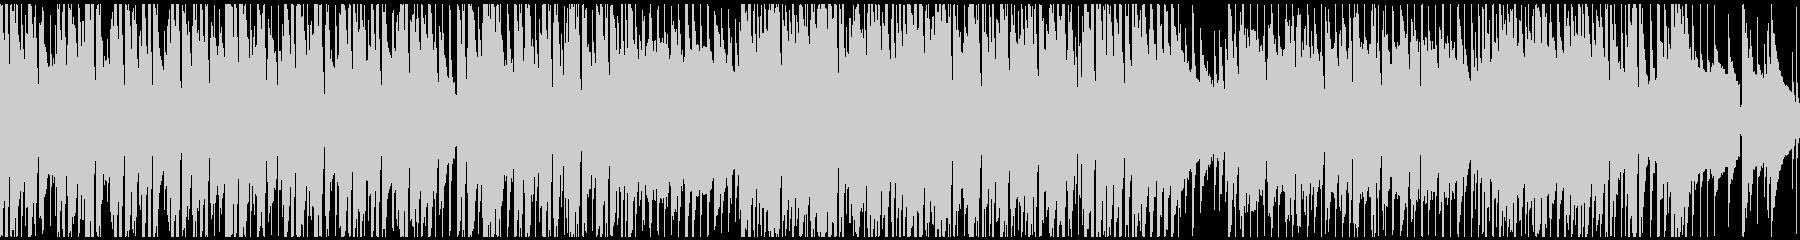 企業VP映像用のあかるい曲(ループ仕様)の未再生の波形